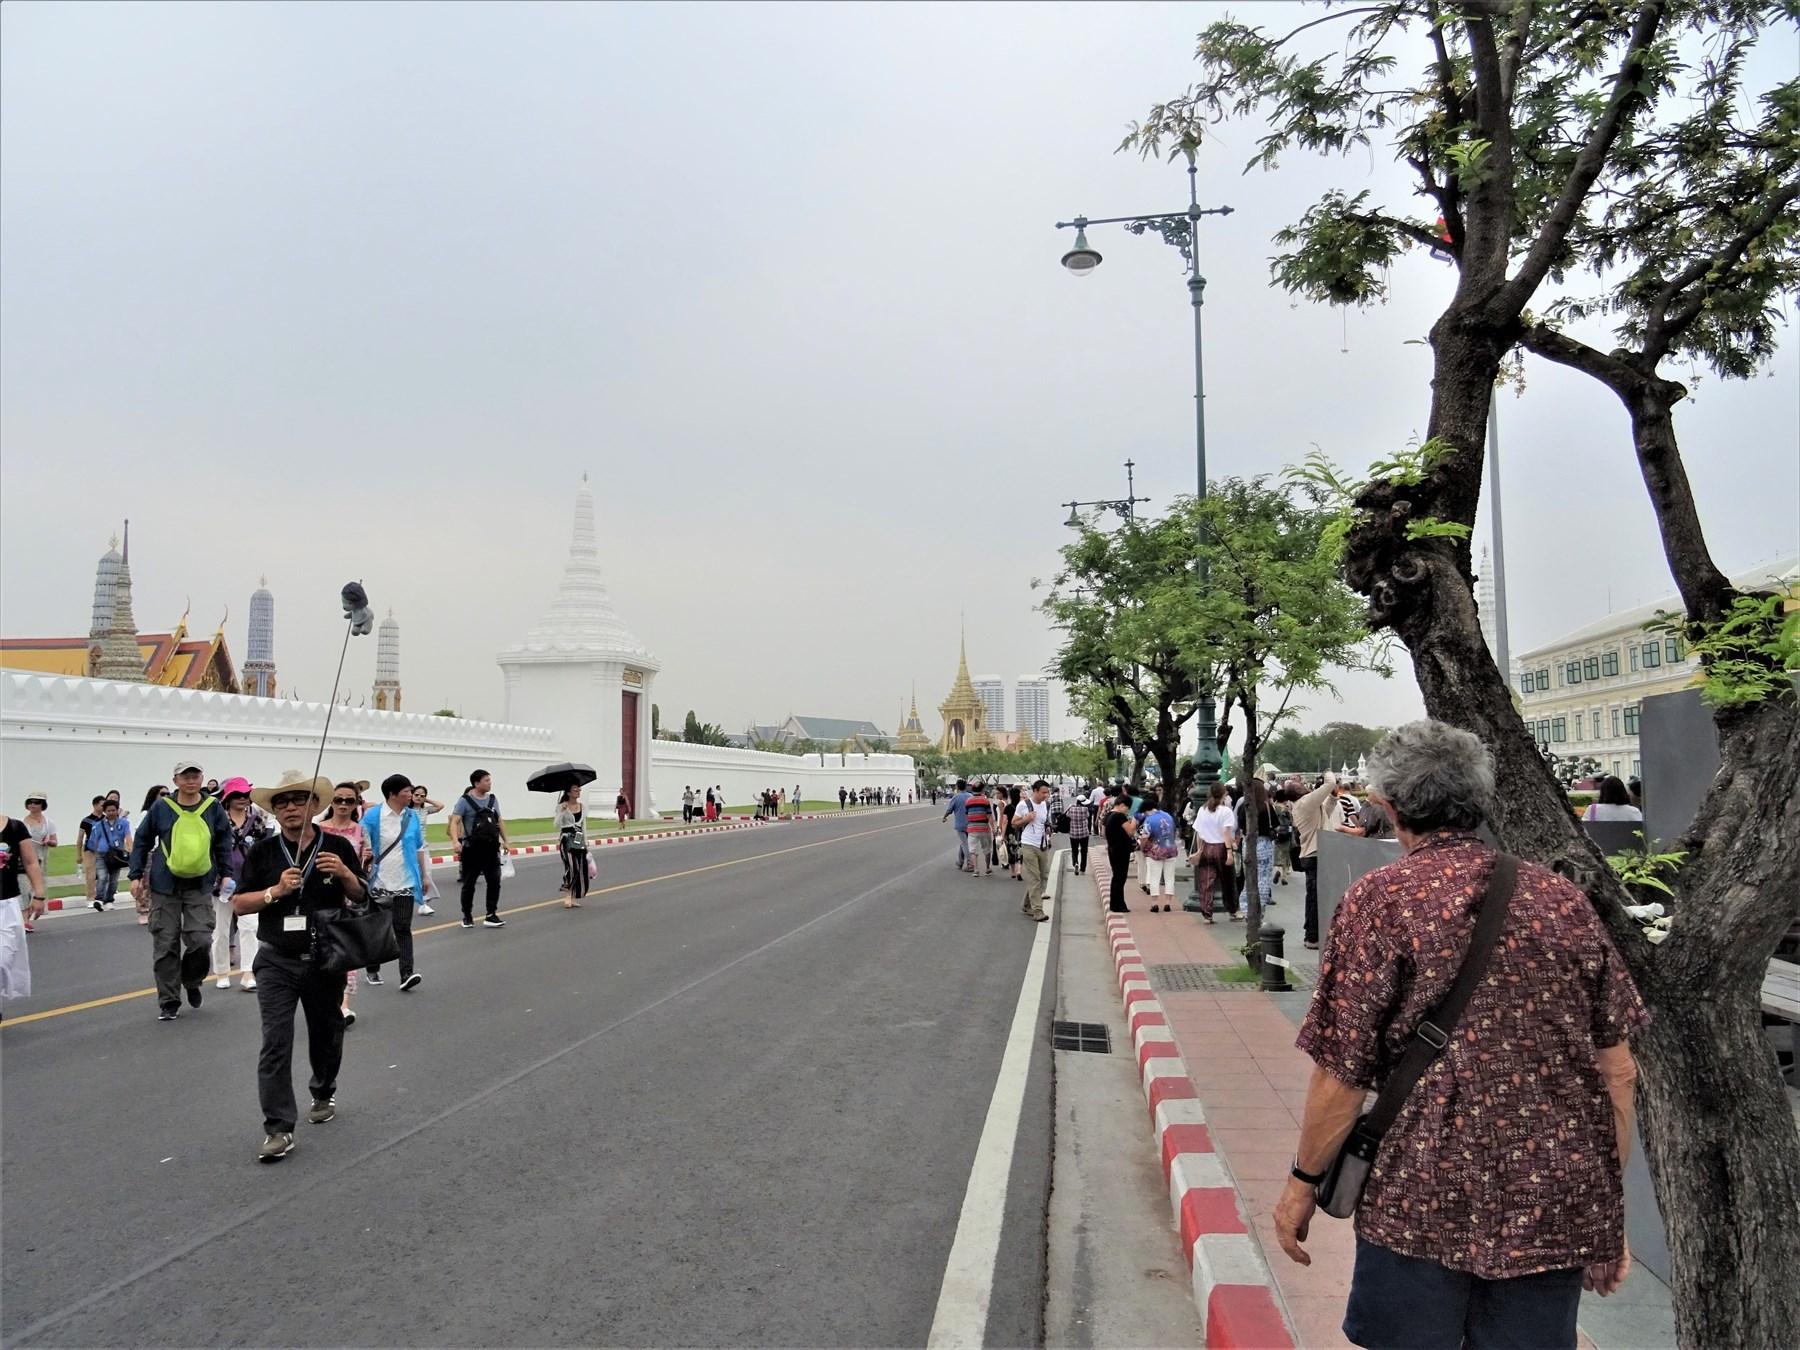 王宮前広場や王宮周辺は通行止めが続く